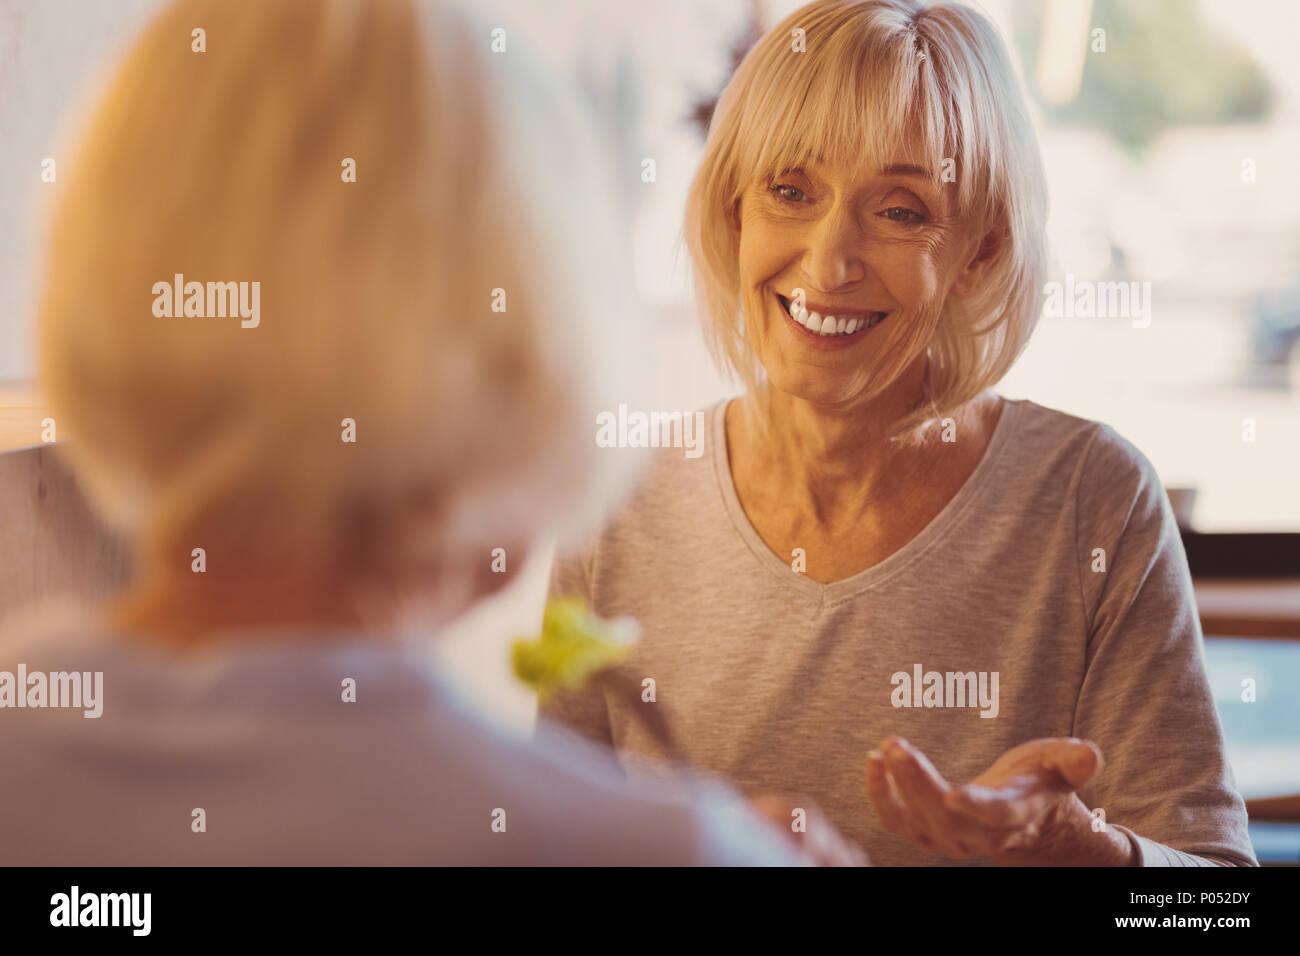 Cheerful woman lui disant de nouvelles d'amis au cours de brunch dans cafe Photo Stock